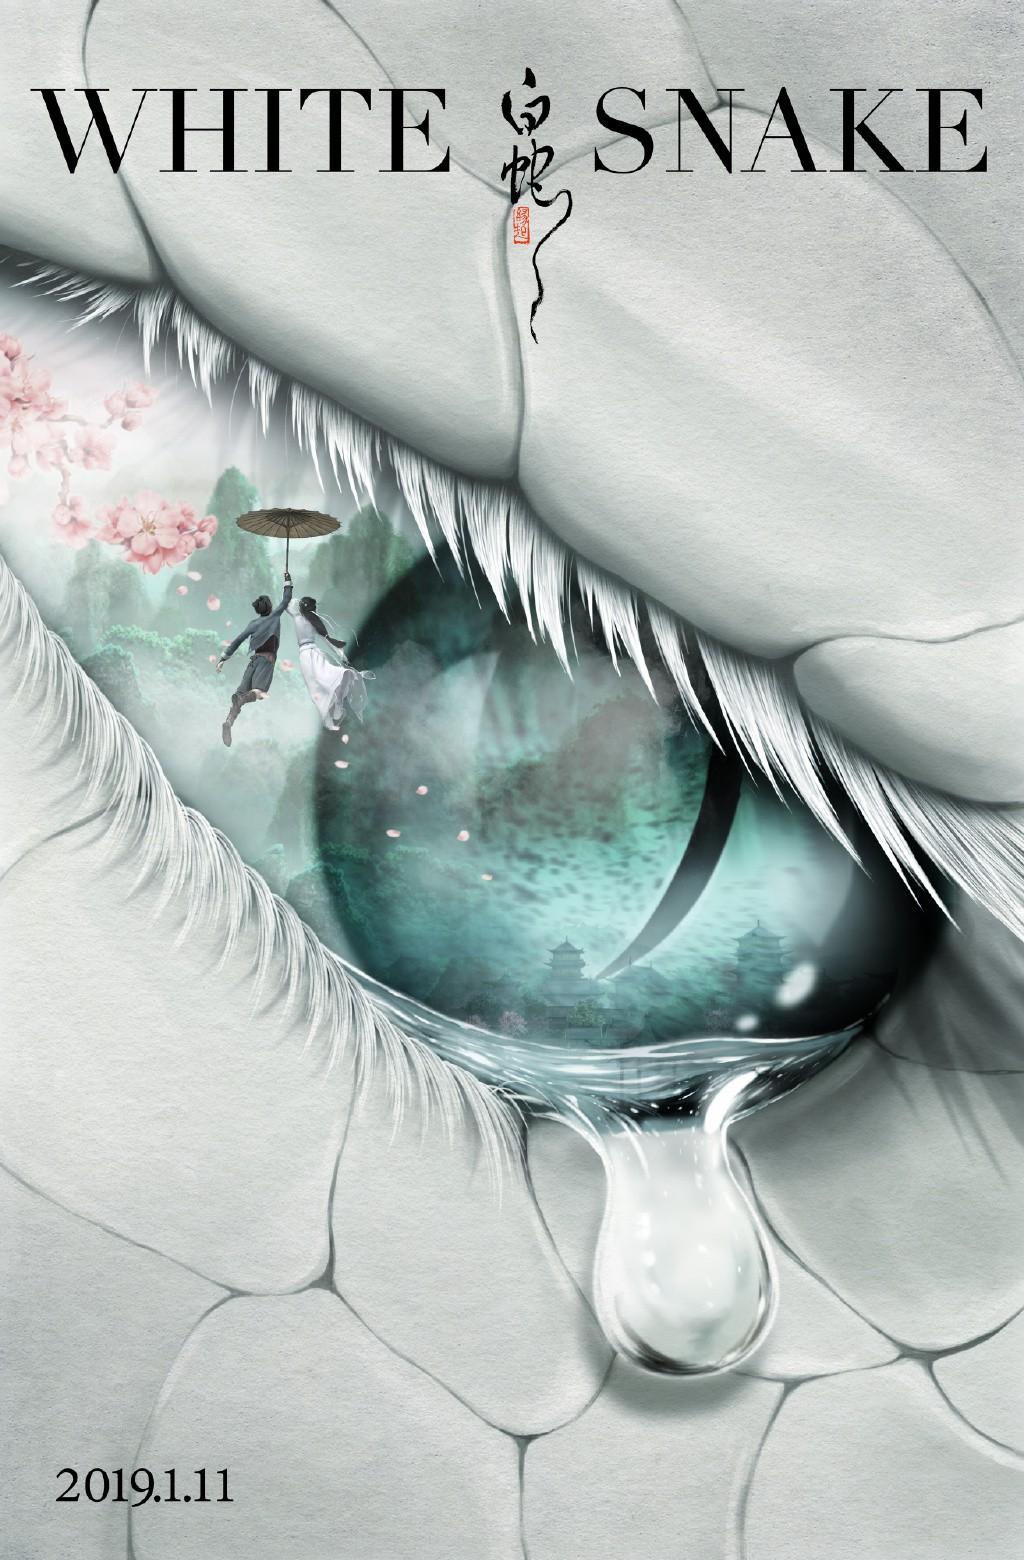 中美合拍《白蛇:缘起》国际版海报 白蛇为爱凄美落泪